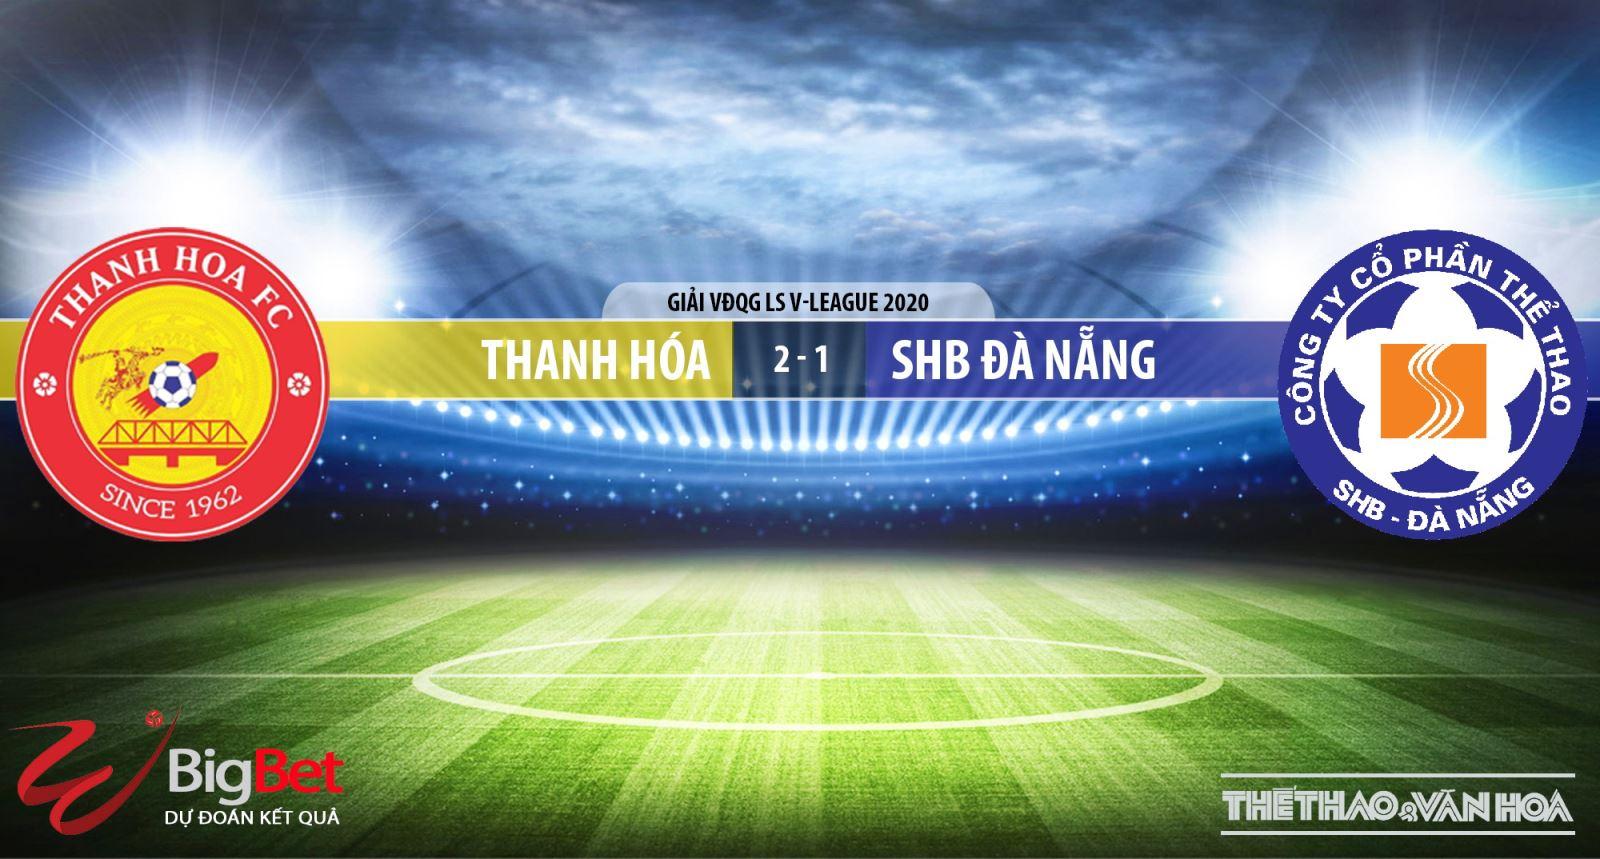 Thanh Hóa vs SHB Đà Nẵng, Thanh Hoá, Đà Nẵng, bóng đá, kèo bóng đá, soi kèo, V-League, lịch thi đấu bóng đá, trực tiếp bóng đá